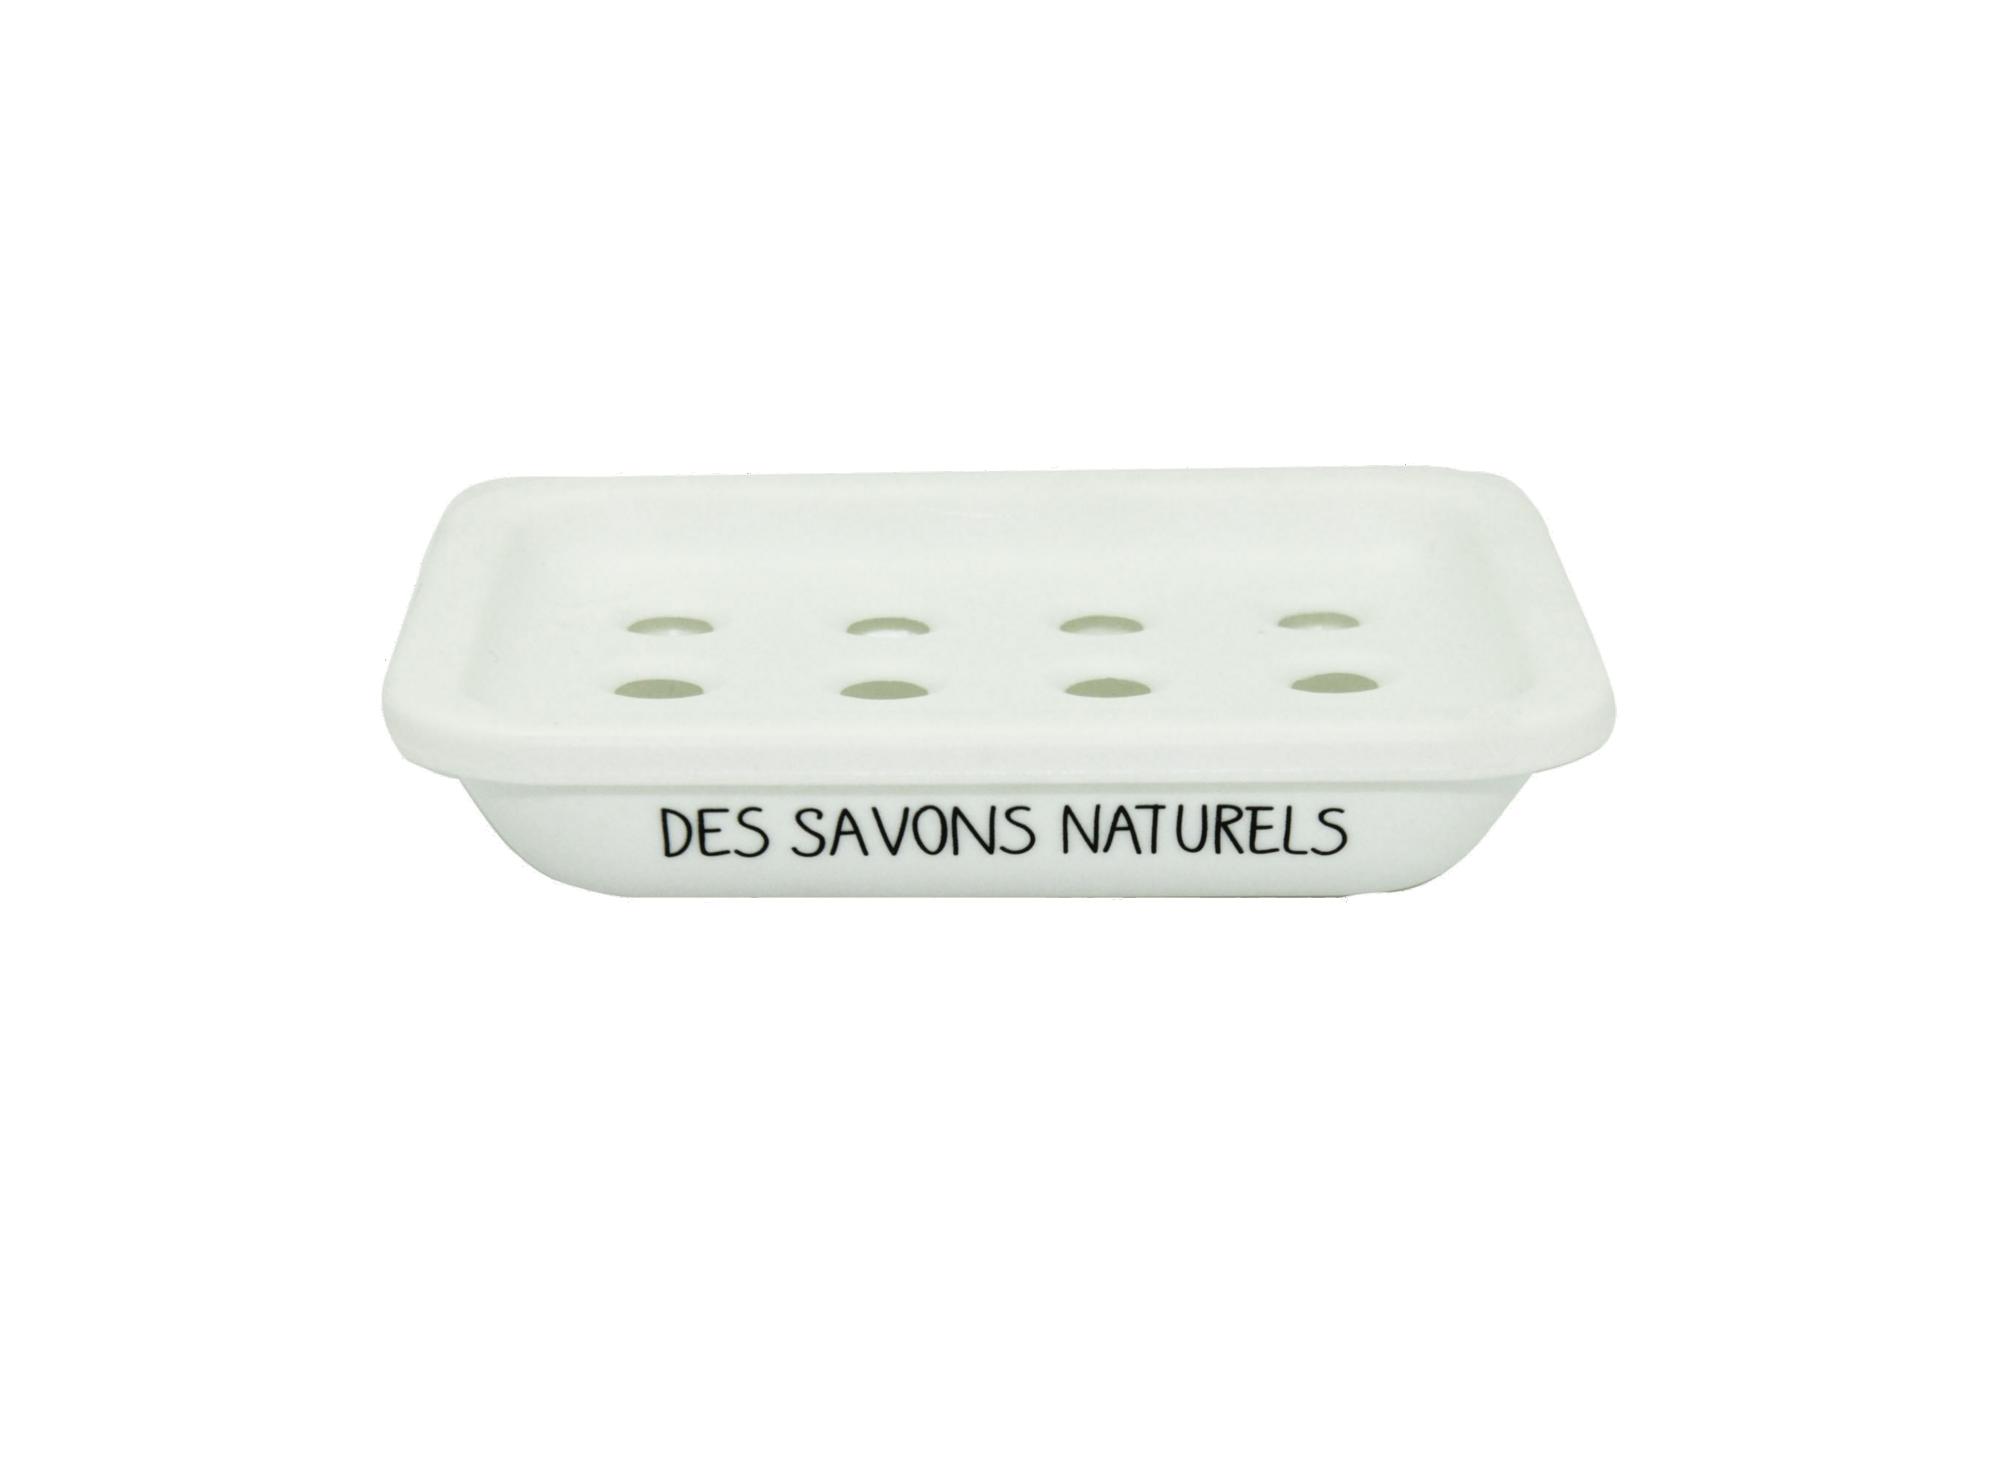 Porte savon blanc en polypropy lene